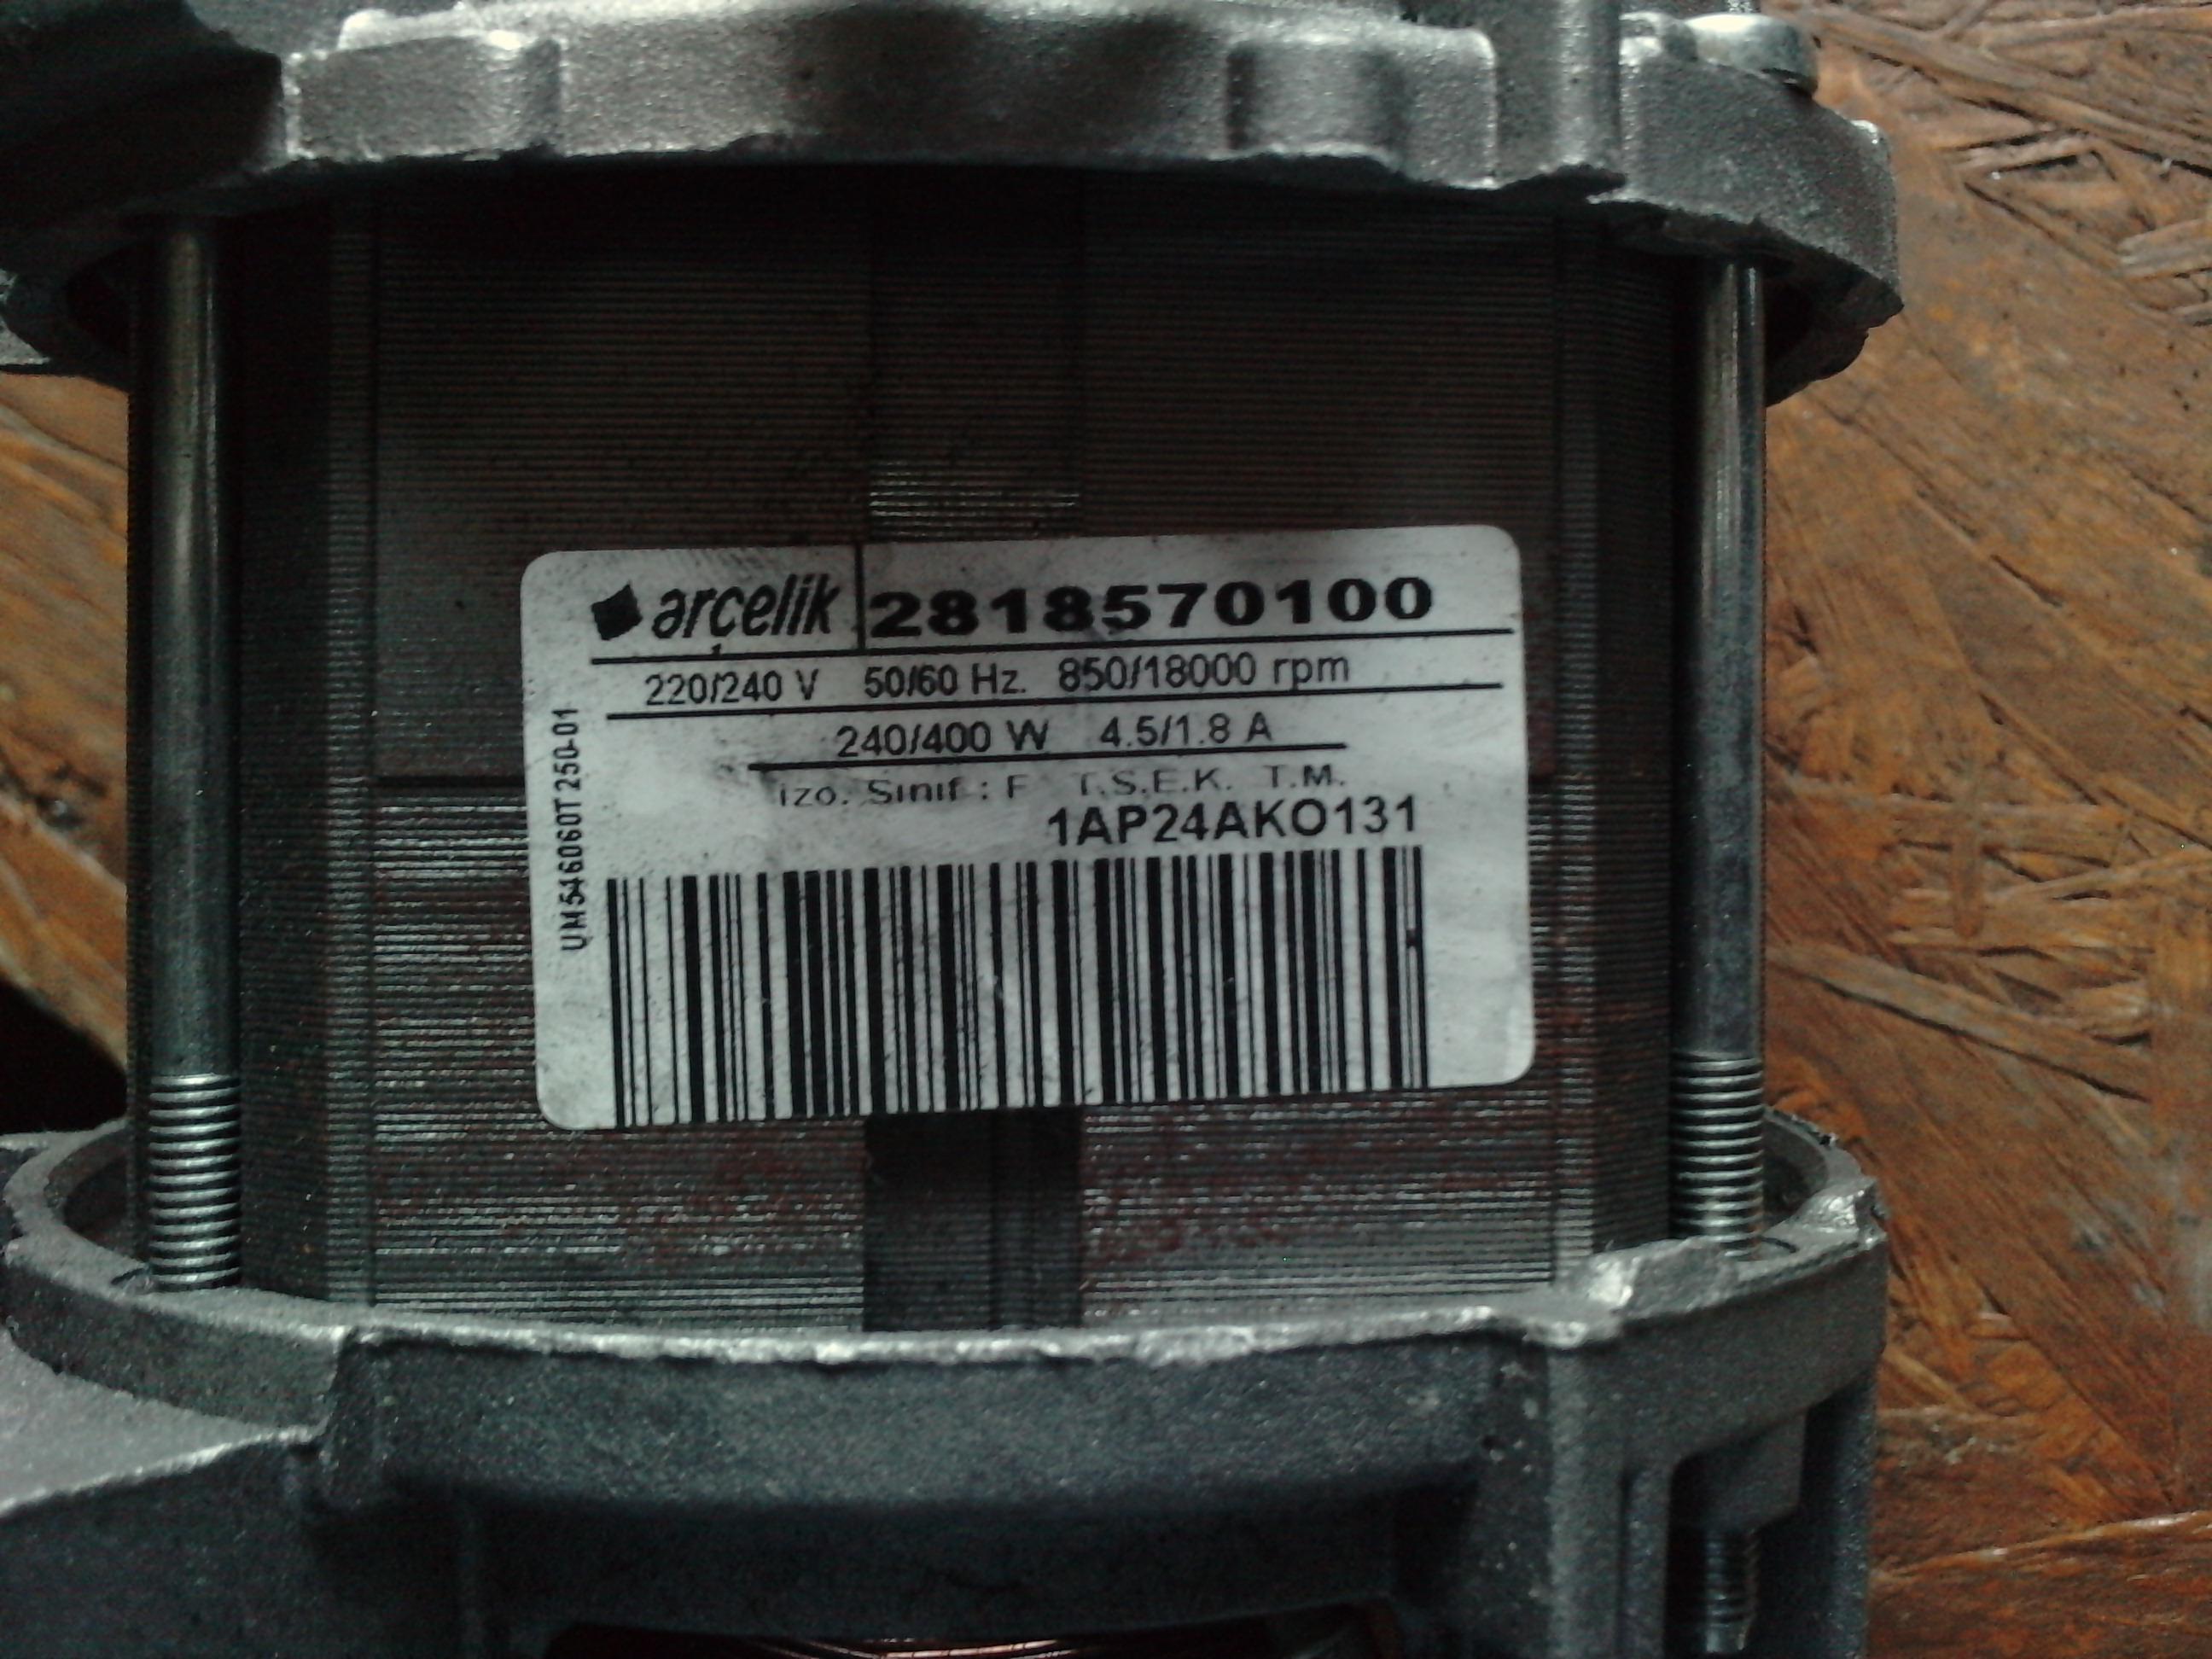 Kupi� silnik do pralki BEKO dane silnika na zdj�ciu pod spodem.